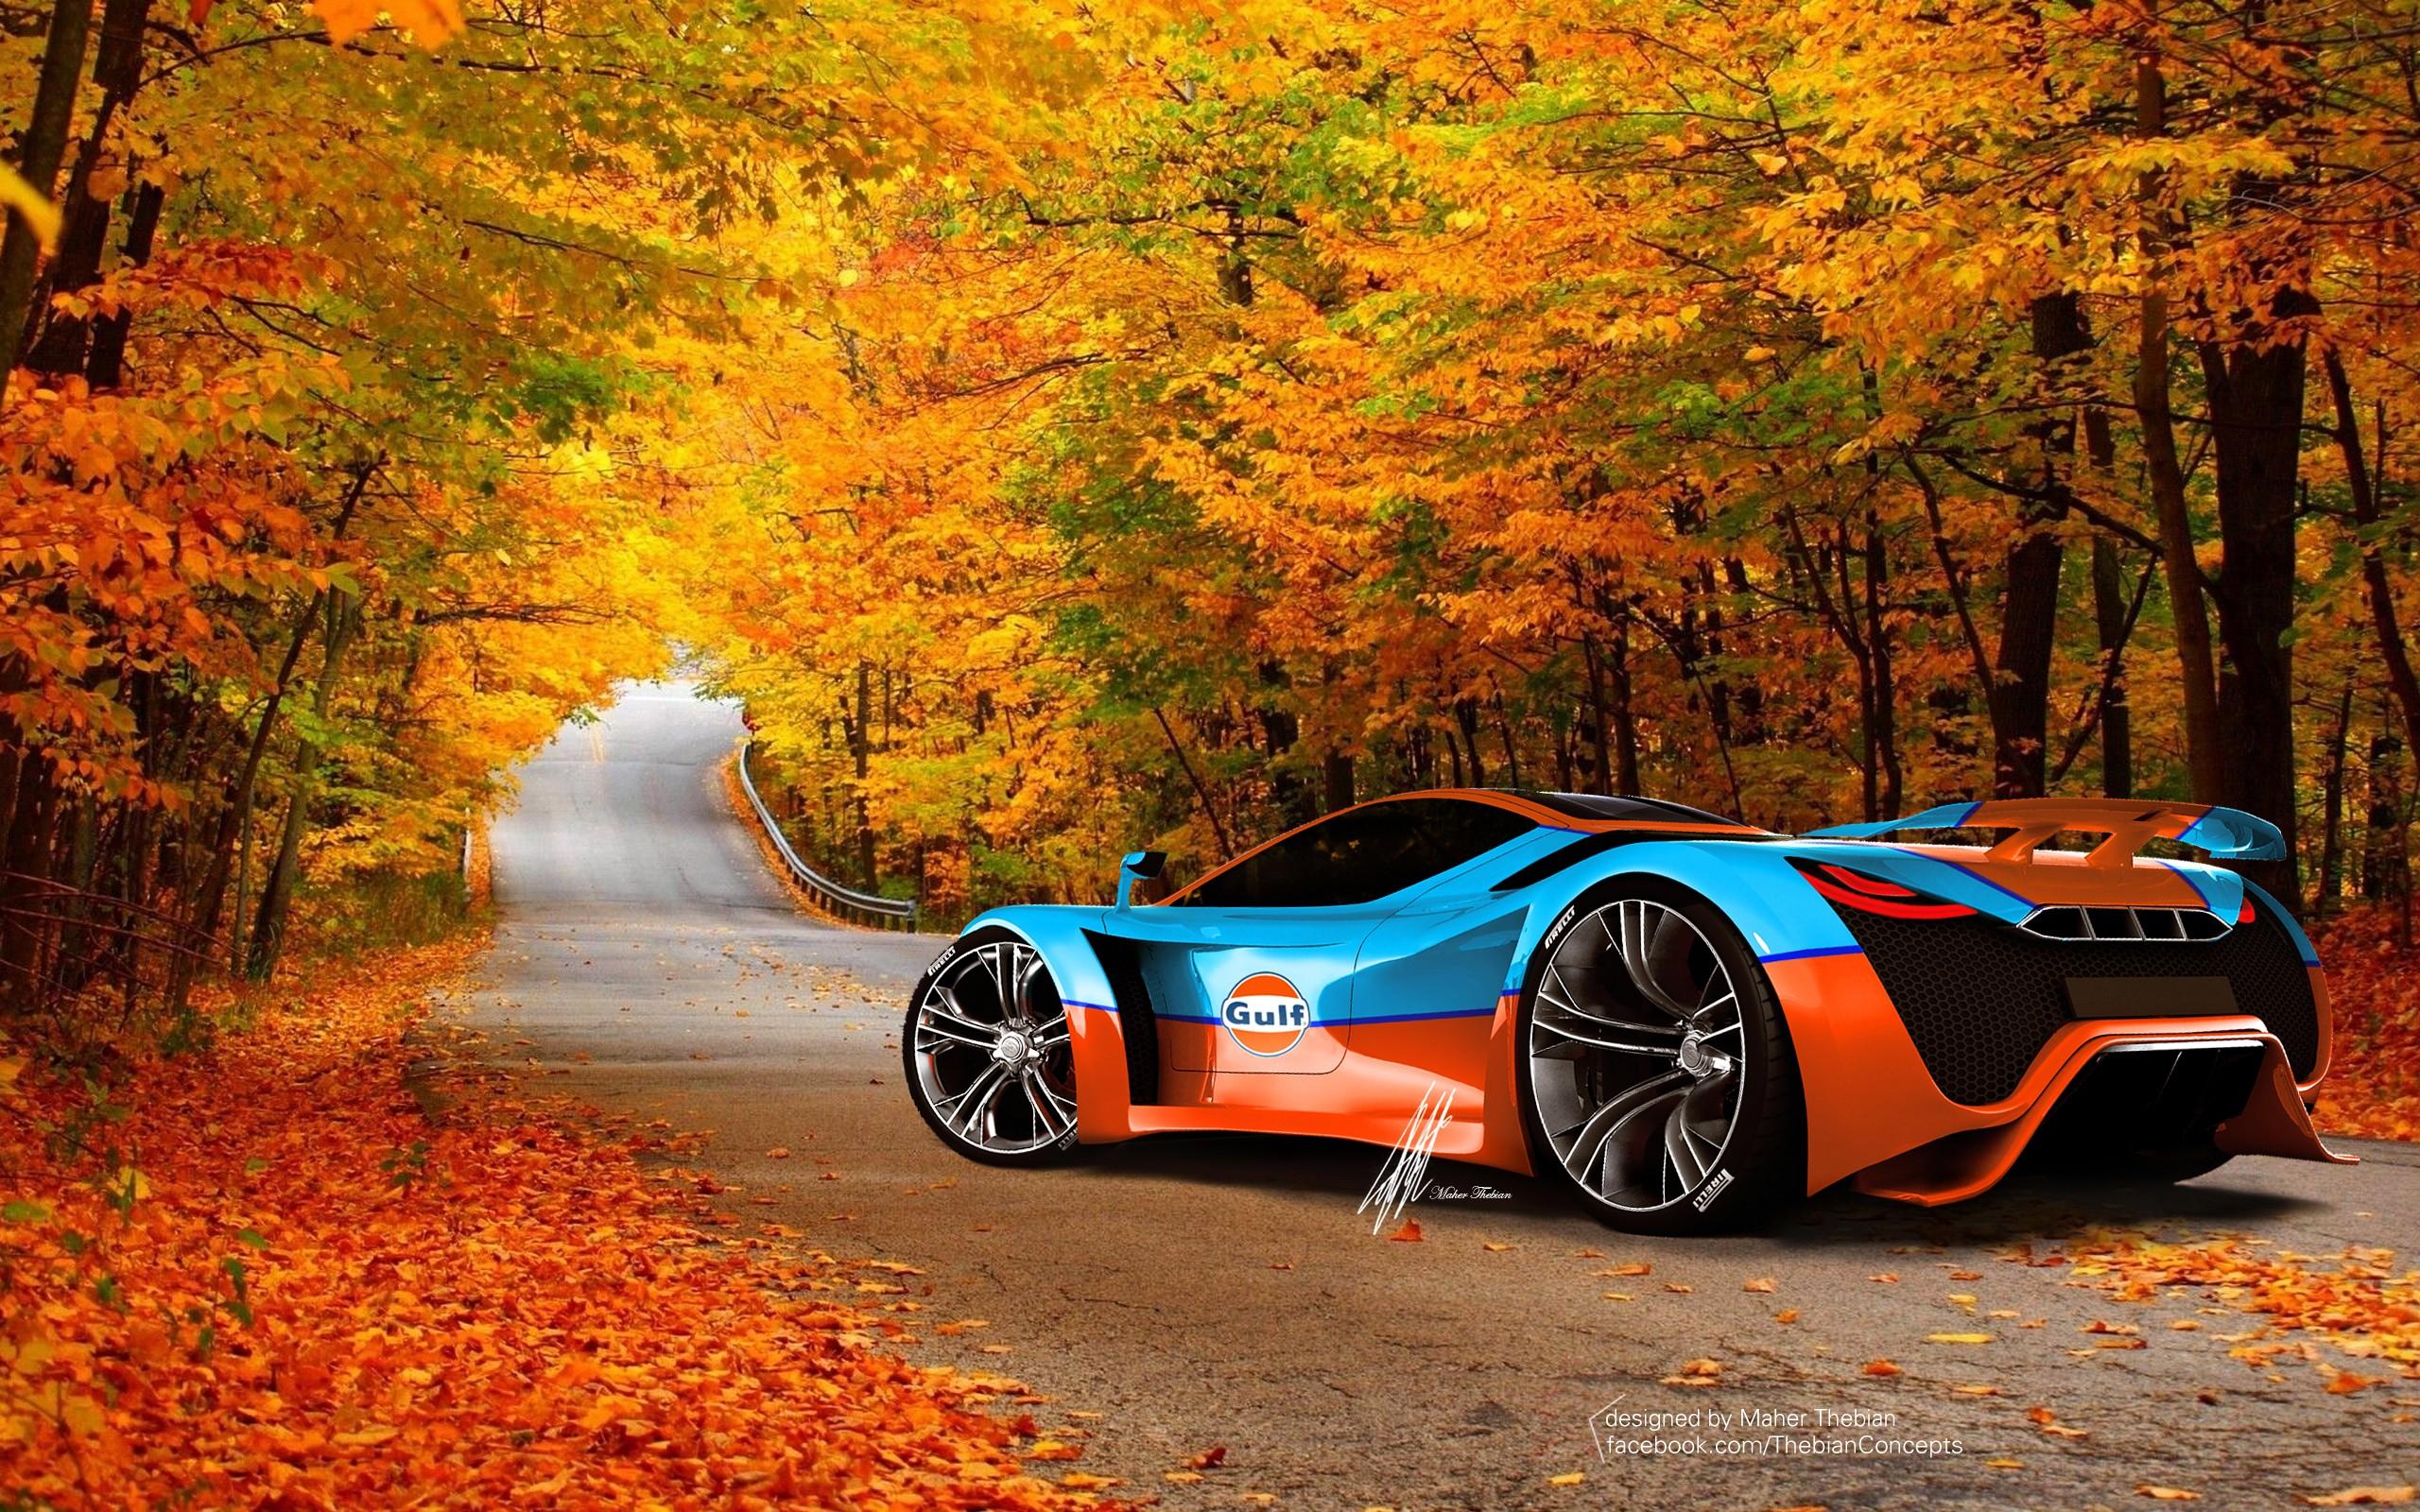 Un hermoso auto en otoño - 2560x1600